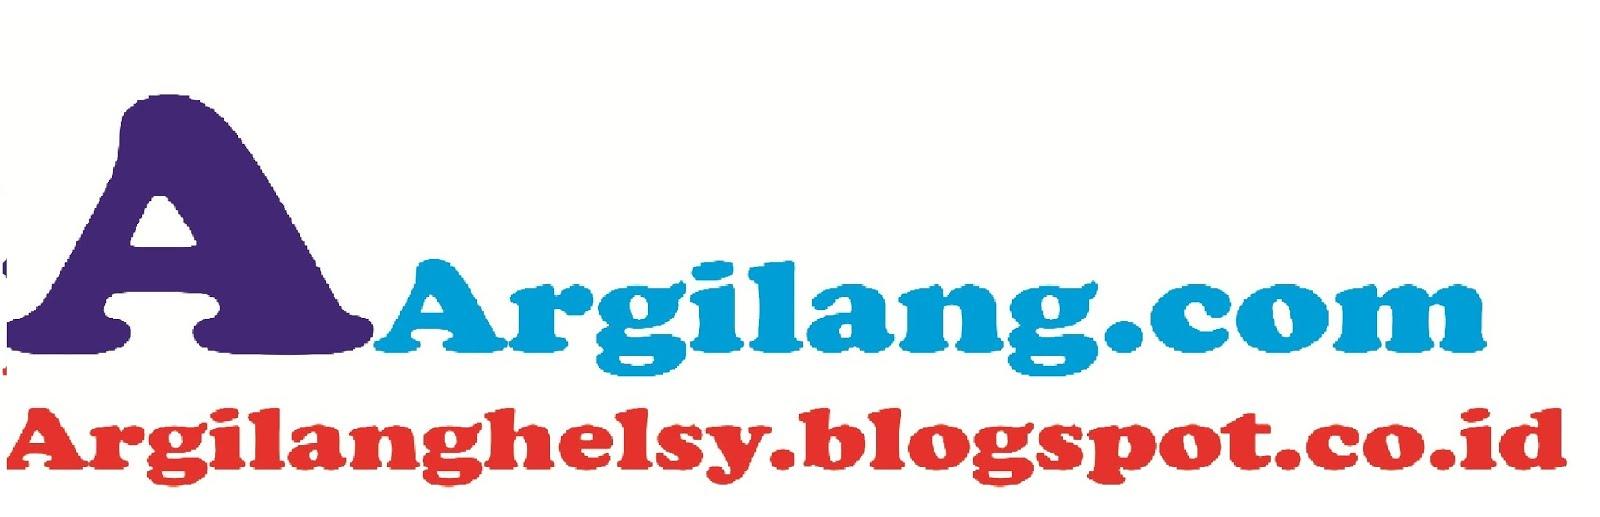 Argilang.com